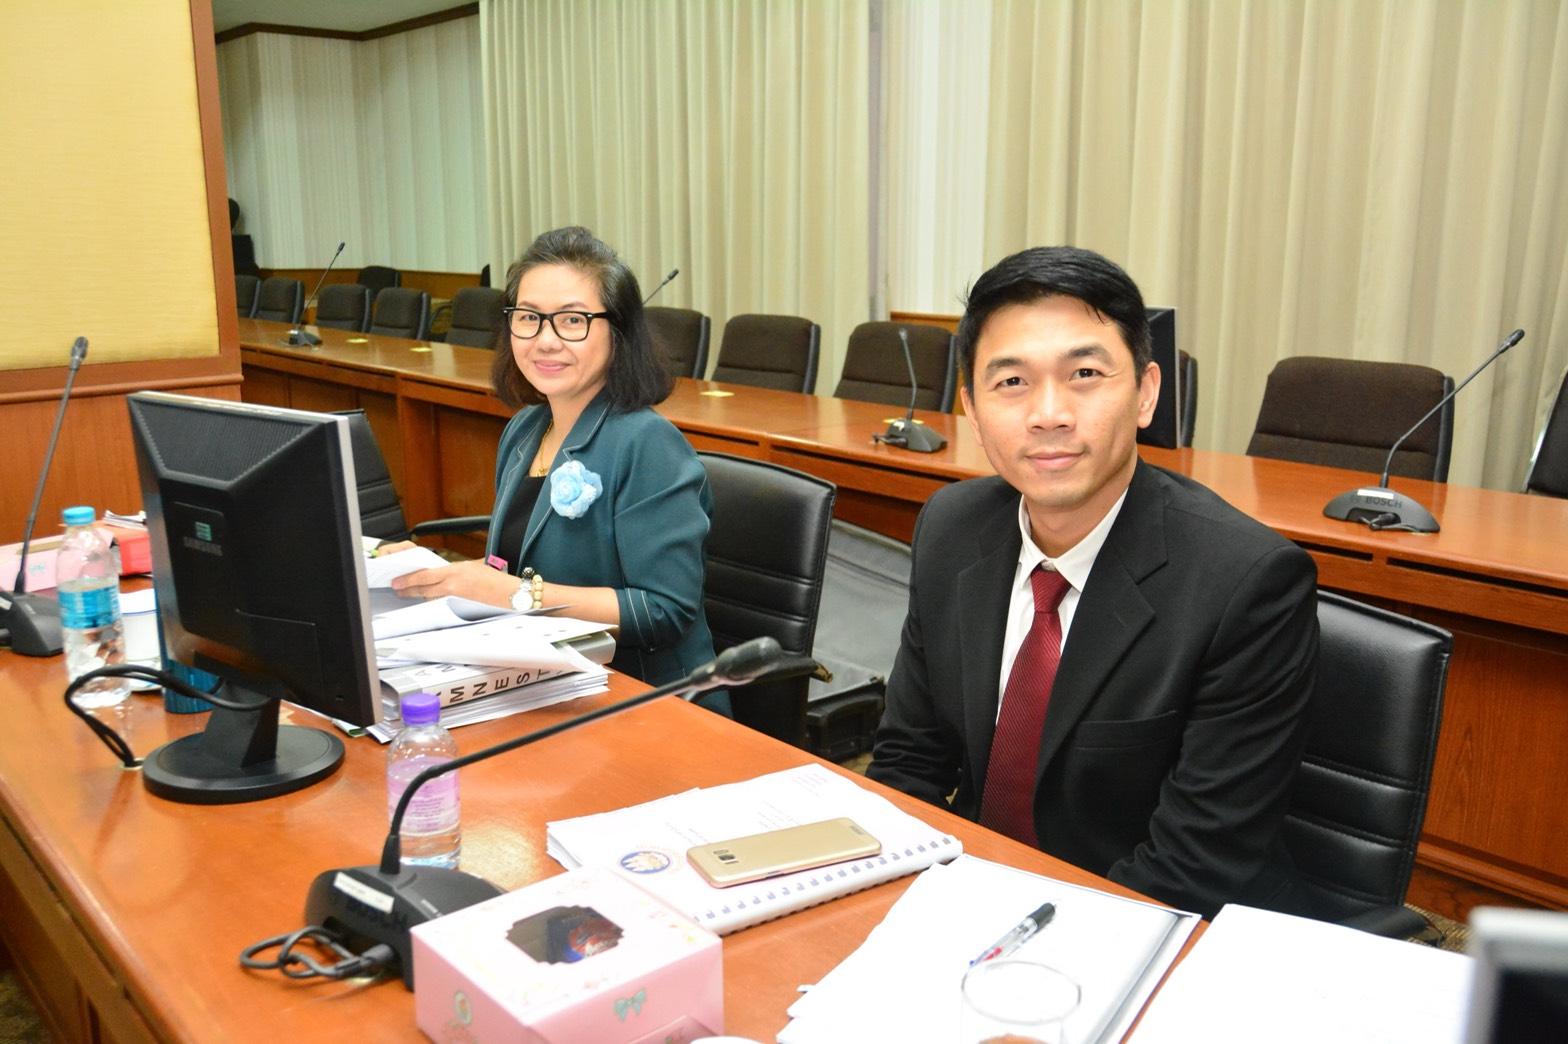 กรมการจัดหางาน จัดประชุมคณะกรรมการพิจารณาการดำเนินงานขององค์การเอกชนต่างประเทศ ครั้งที่ 4/2561